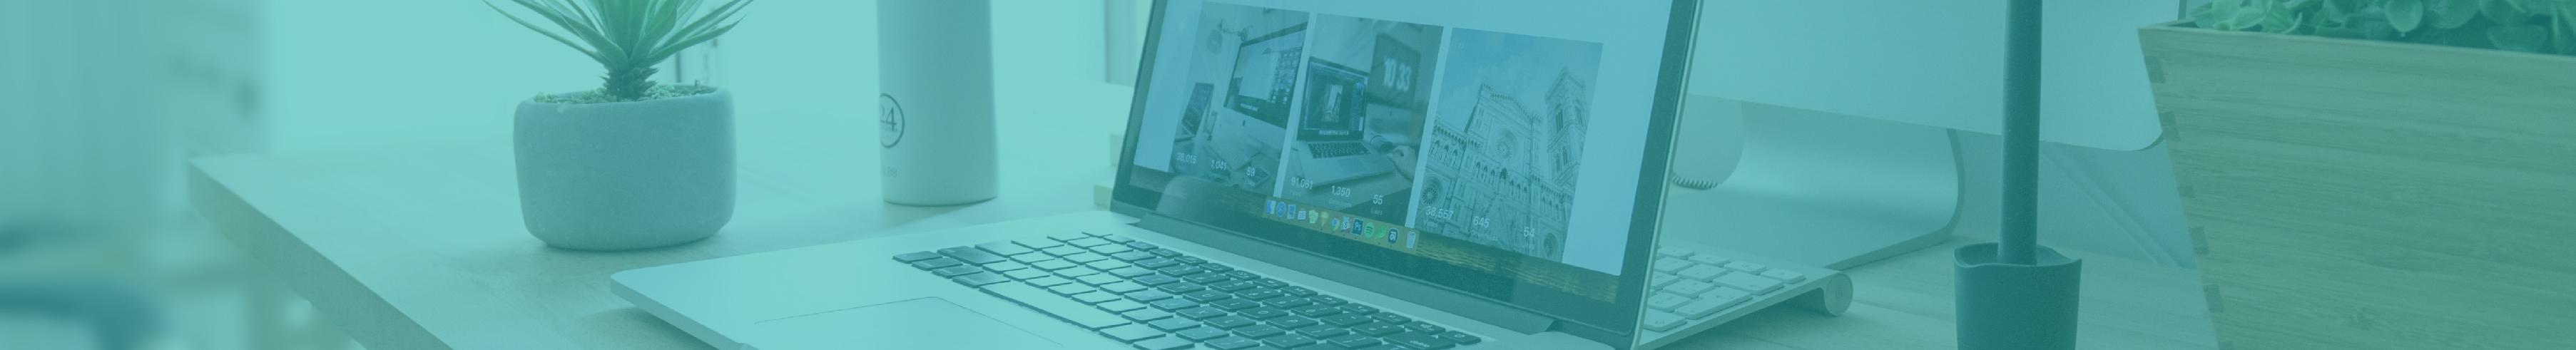 Linkedin-nueva-web-img-header-08-1